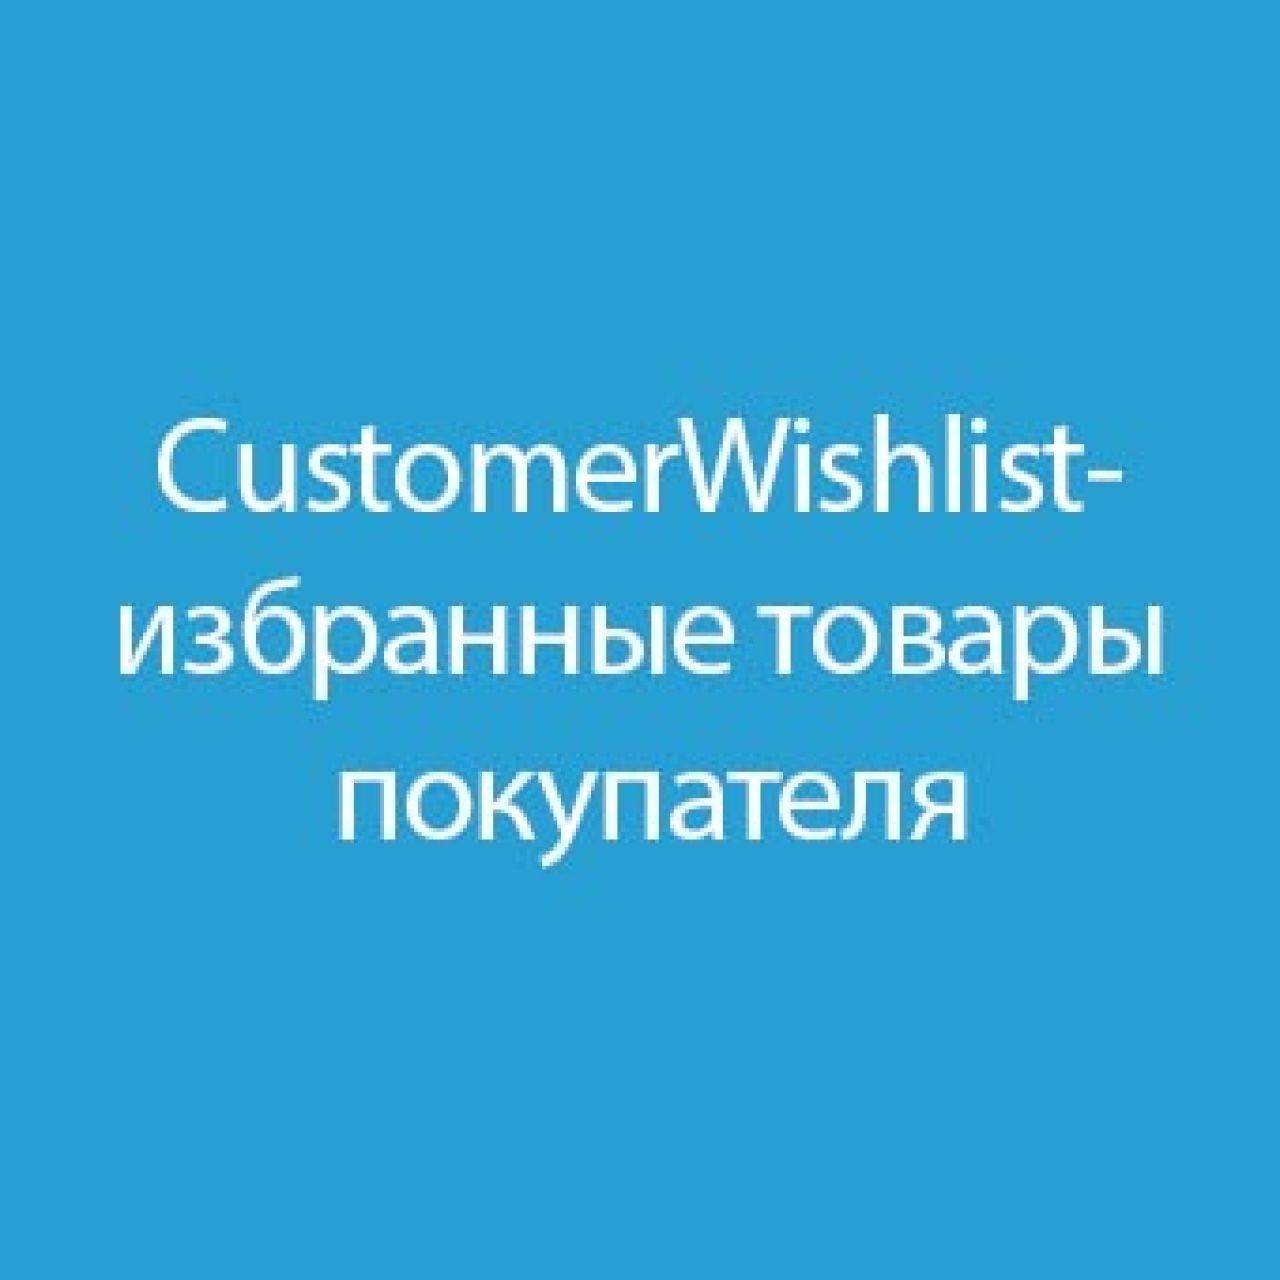 Customer WishList / Избранные товары покупателей из категории Прочие для CMS OpenCart (ОпенКарт)